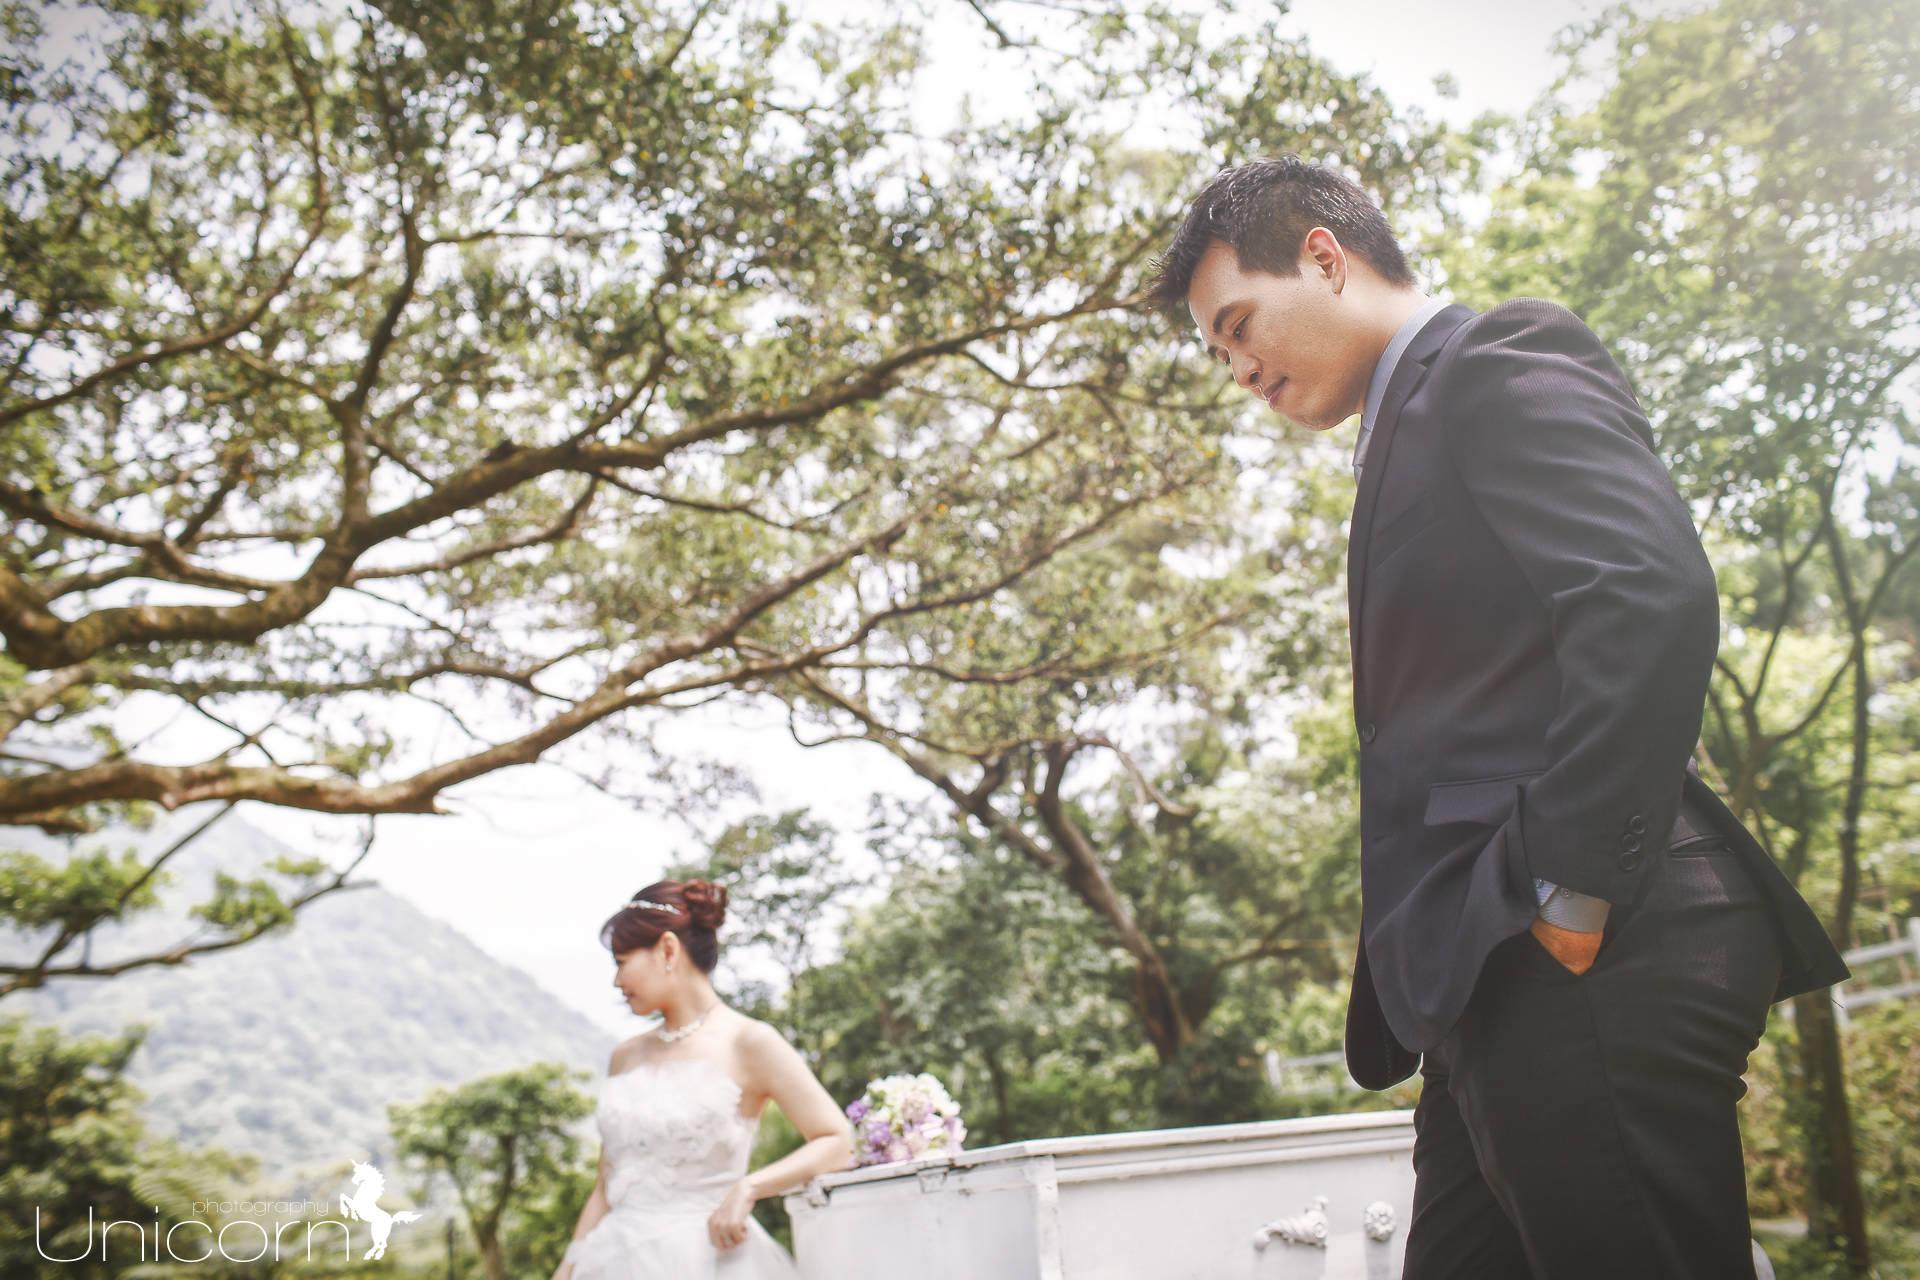 《Pre-Wedding》啟帆 & 子菁 自助婚紗 / 陽明山真愛桃花源